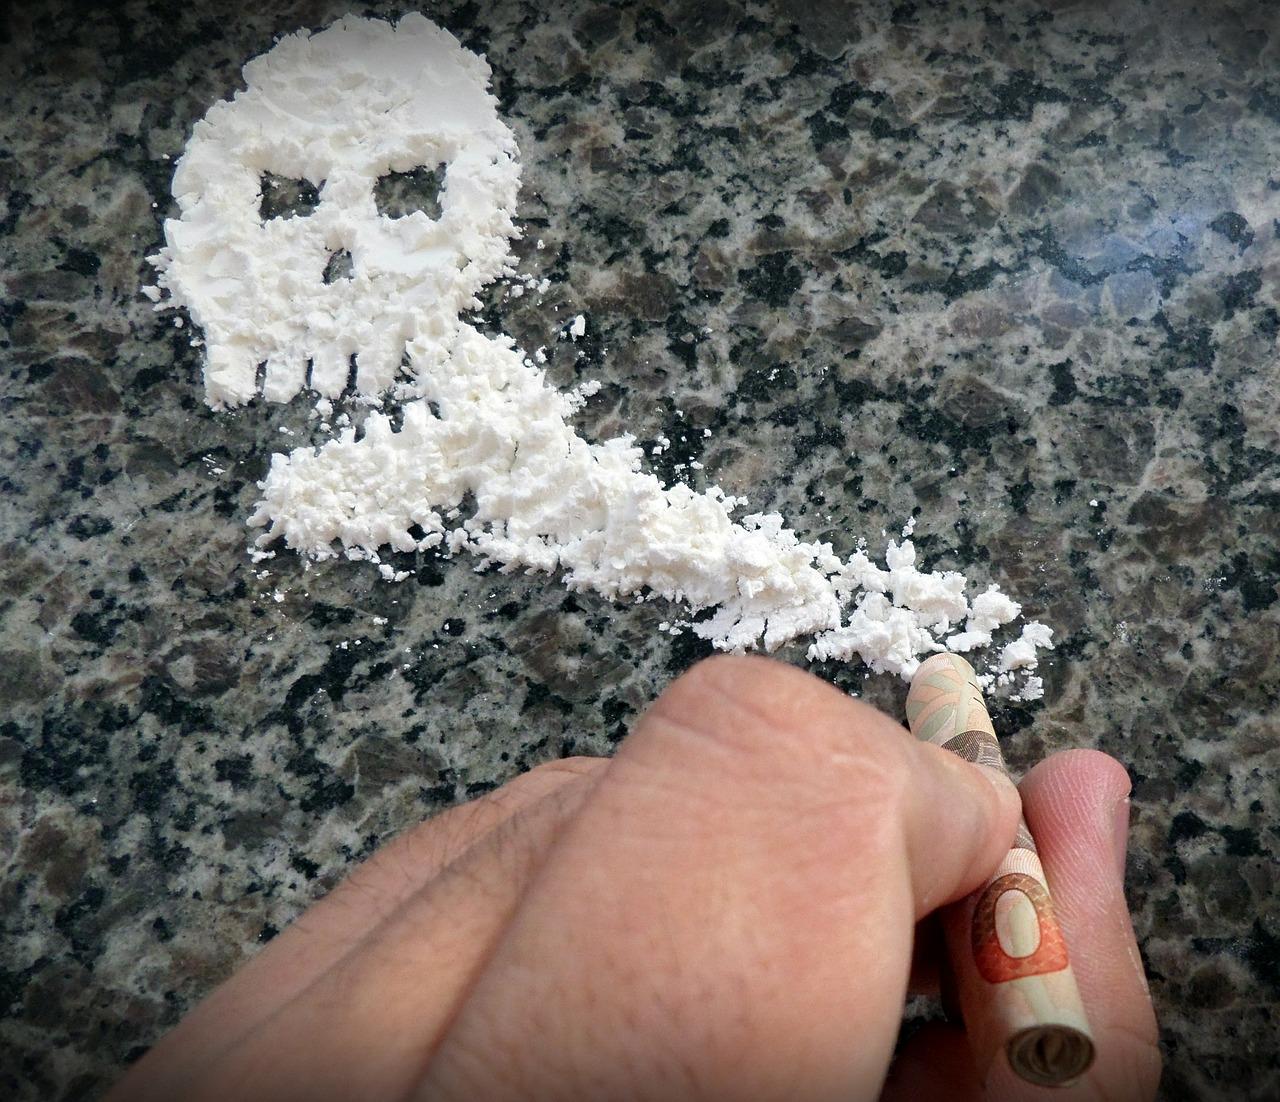 consommation de drogues dures